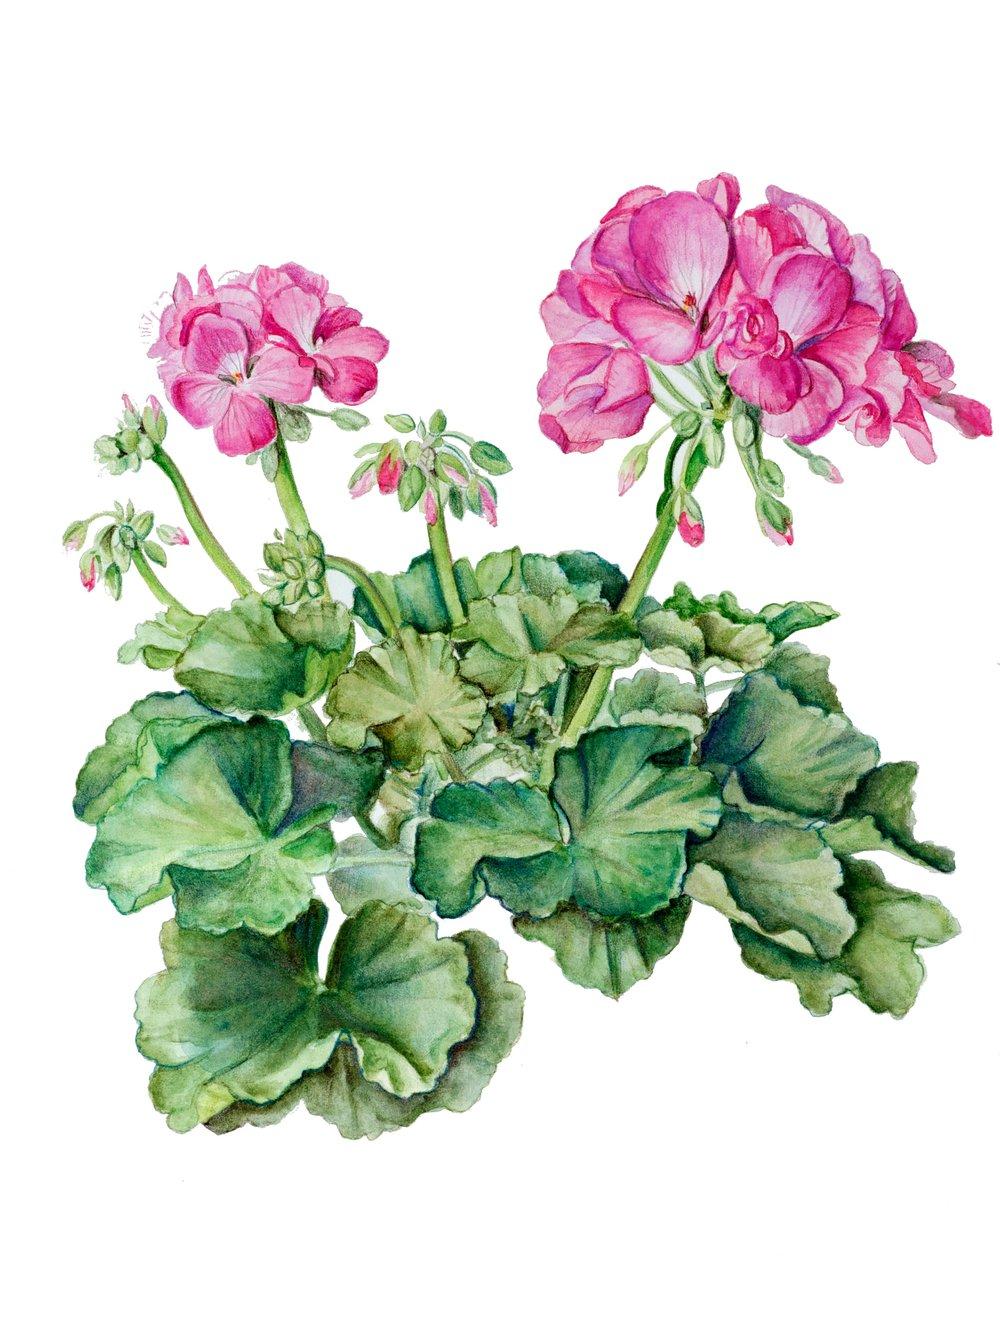 geranium_fullSize.jpg